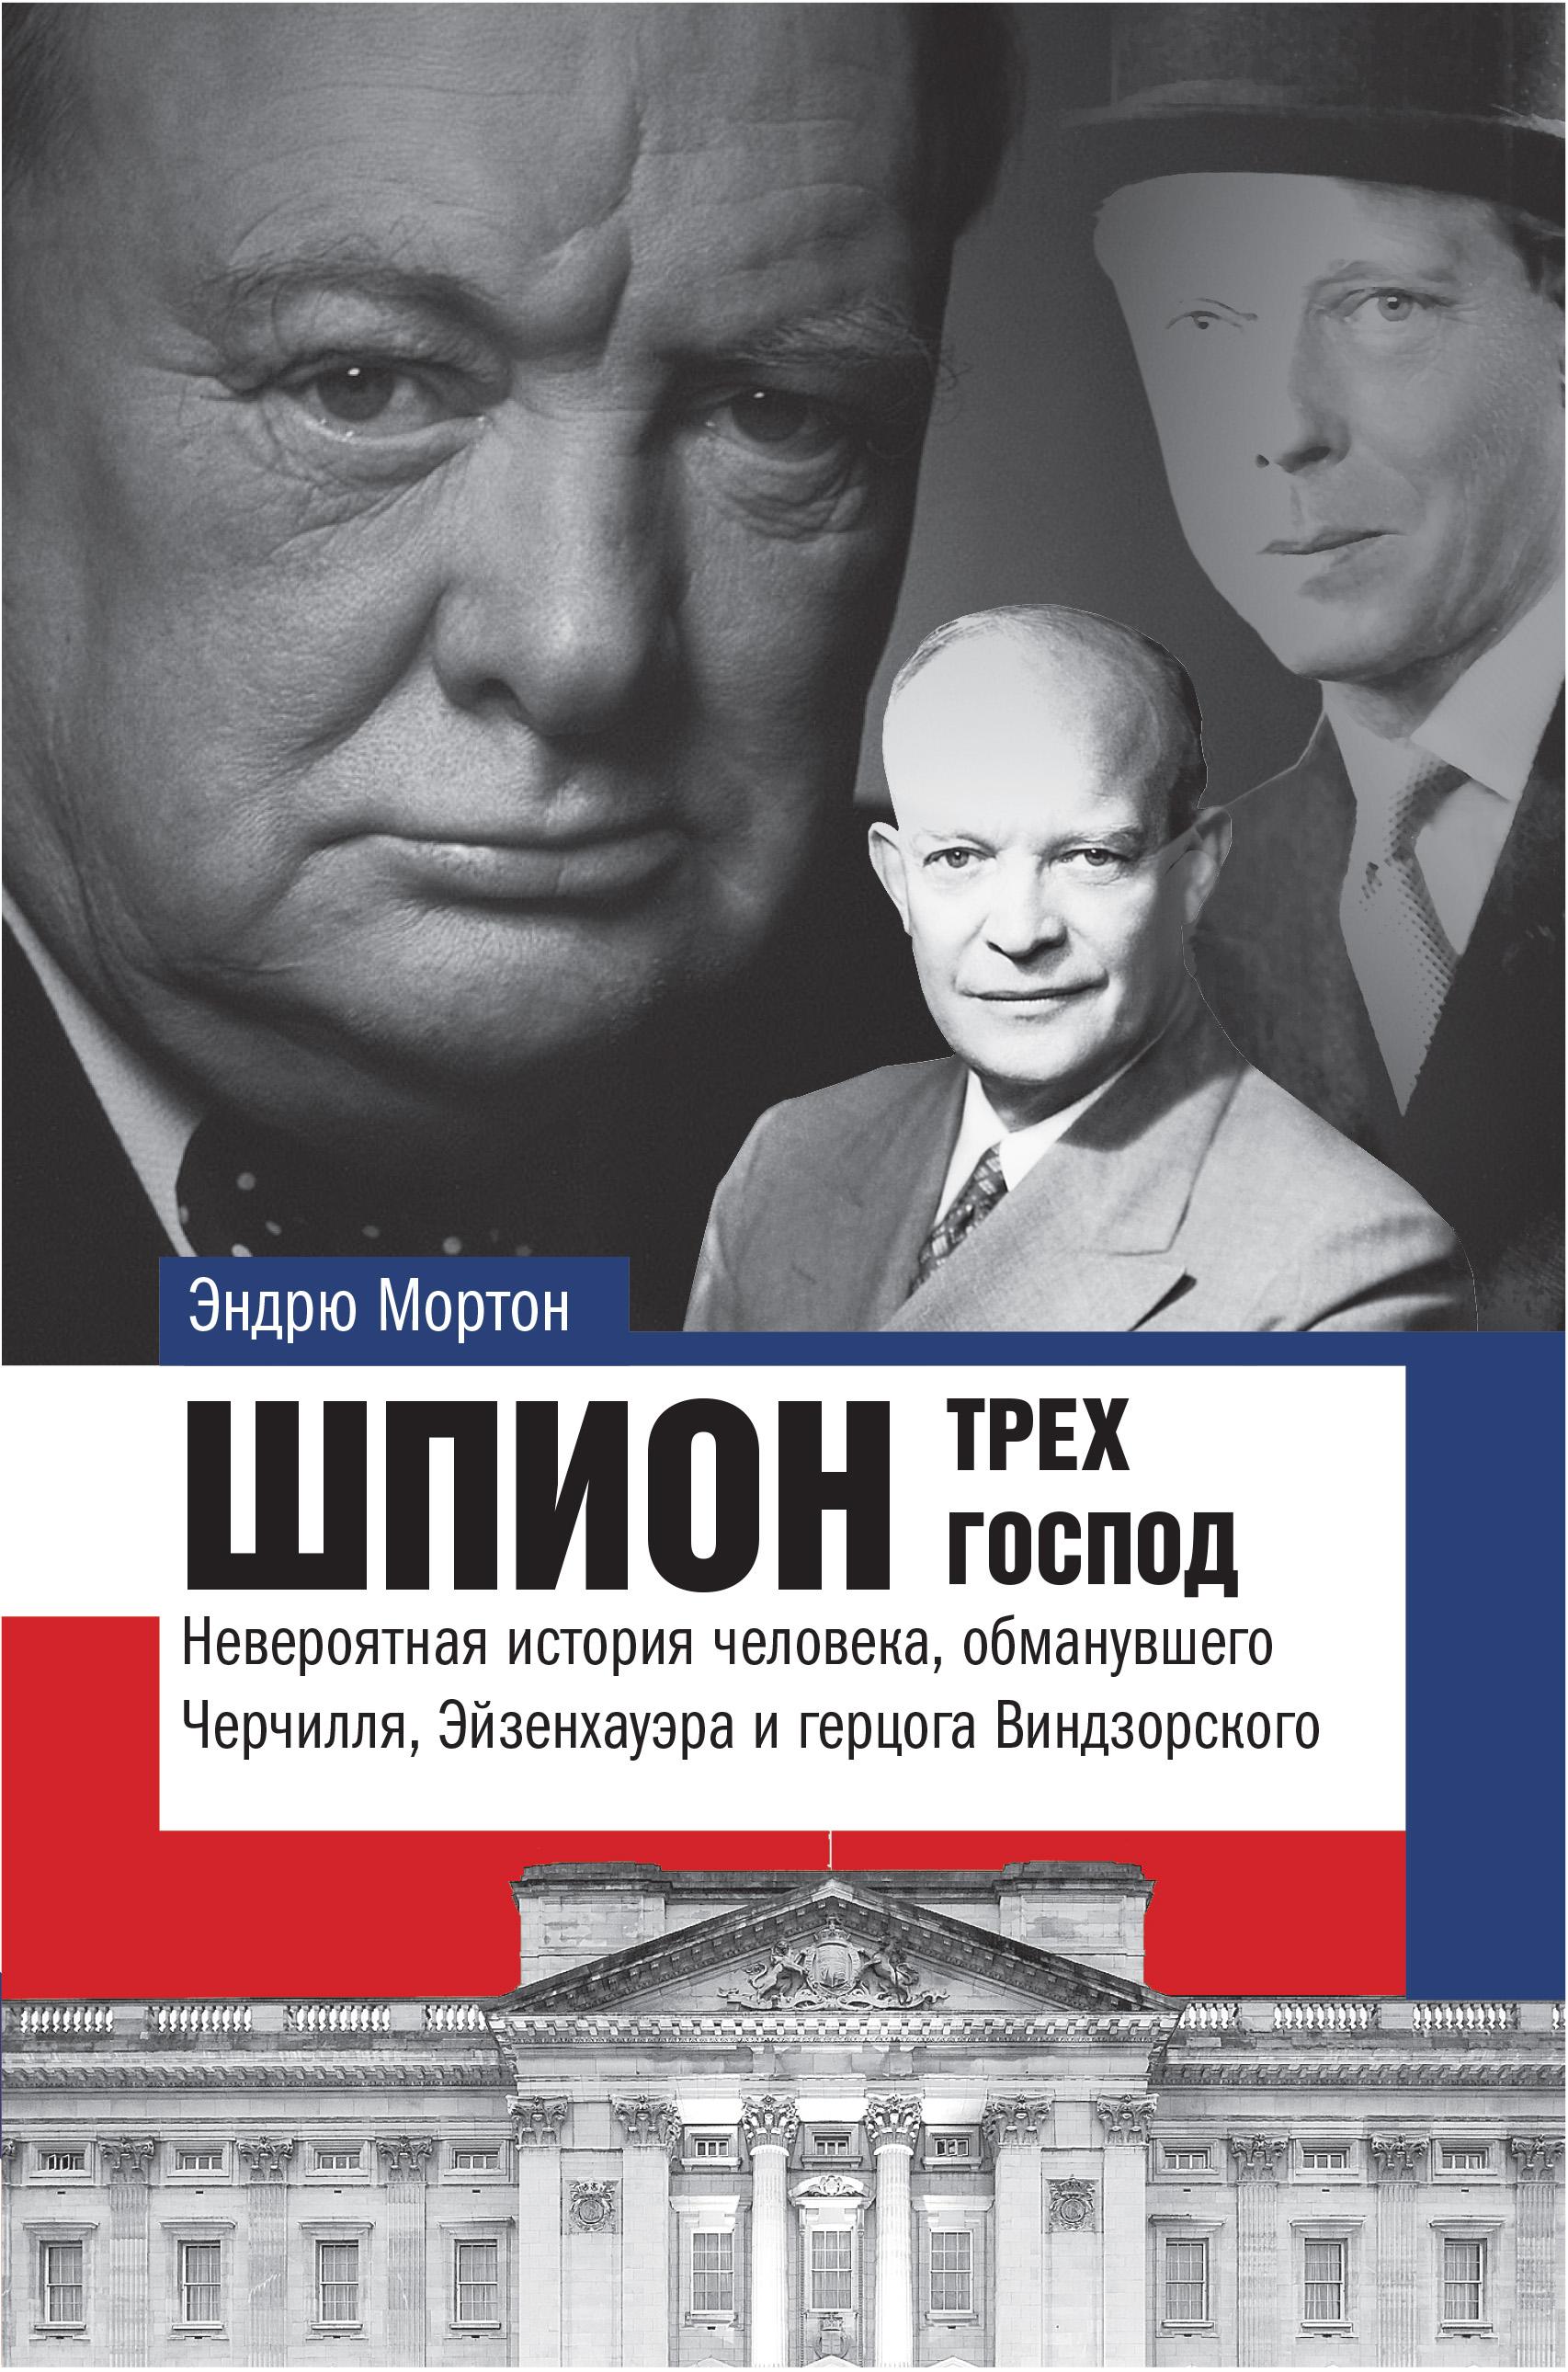 Эндрю Мортон Шпион трех господ: невероятная история человека, обманувшего Черчилля, Эйзенхауэра и Гитлера